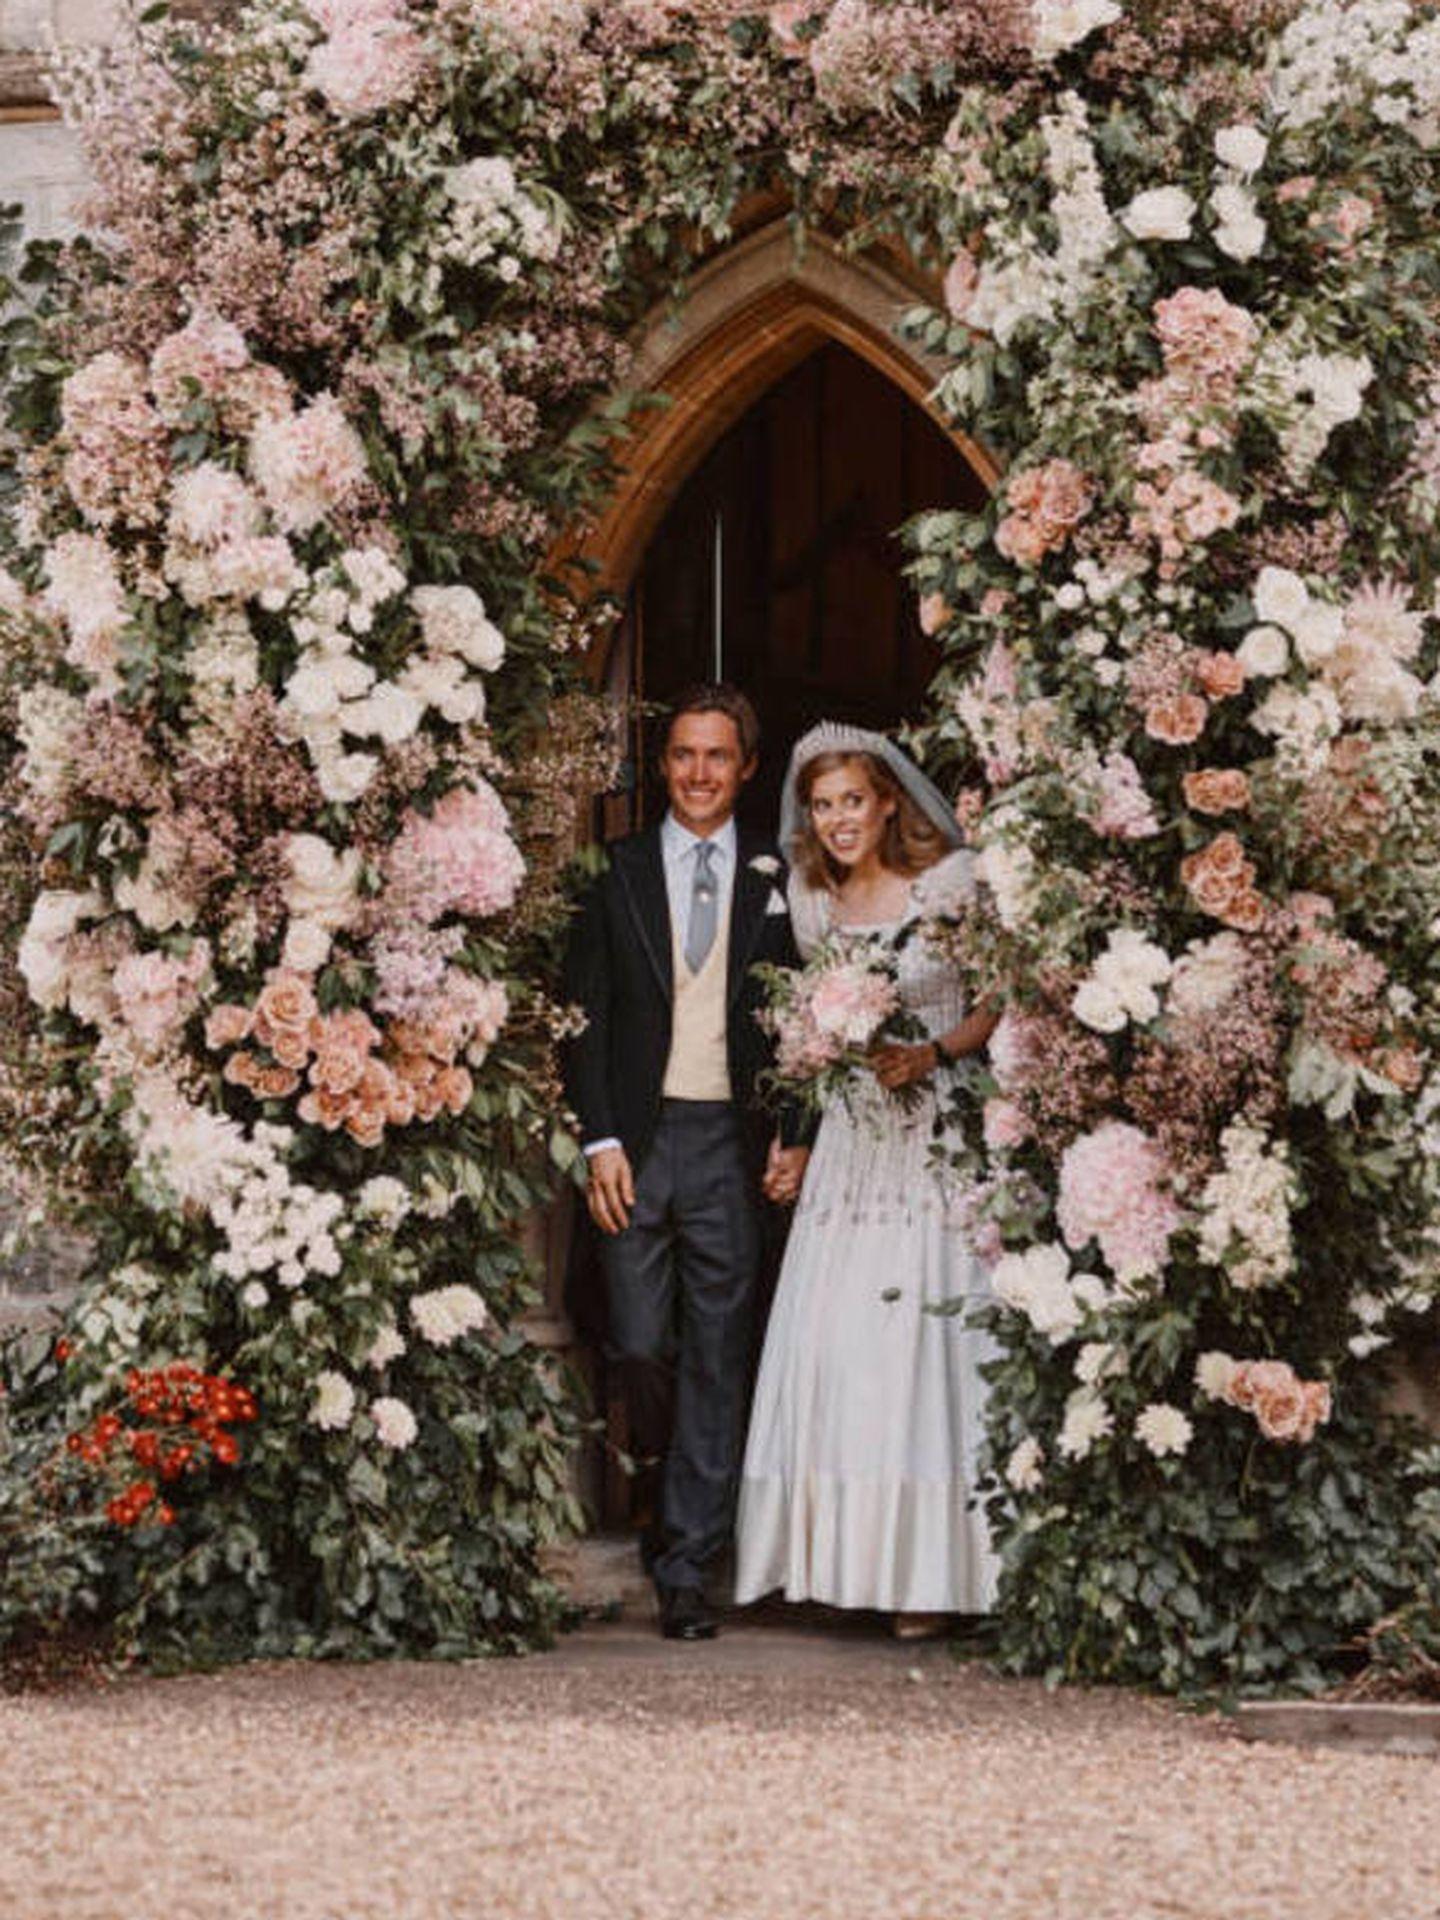 Beatriz de York y Edo Mapelli, recién casados. (Reuters)